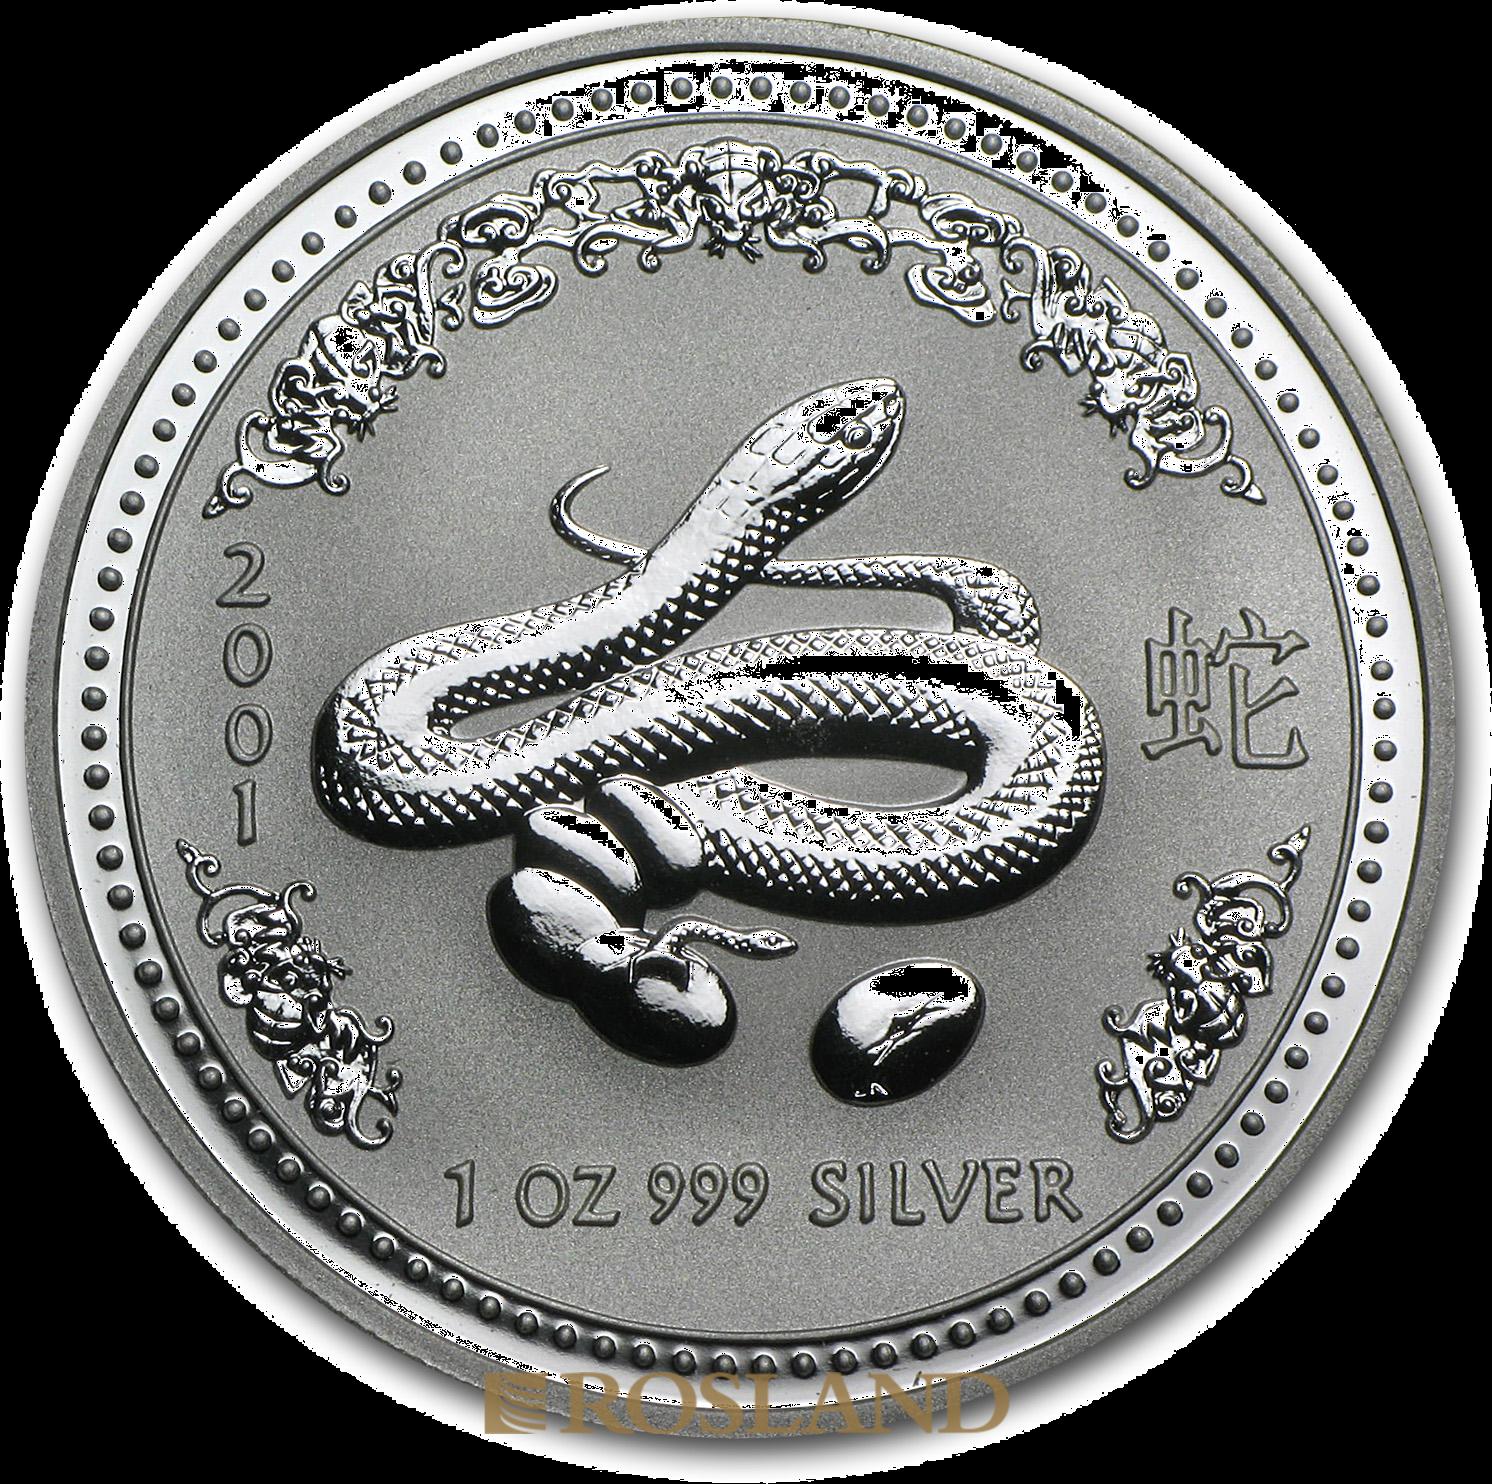 1 Unze Silbermünze Australien Lunar 1 Schlange 2001